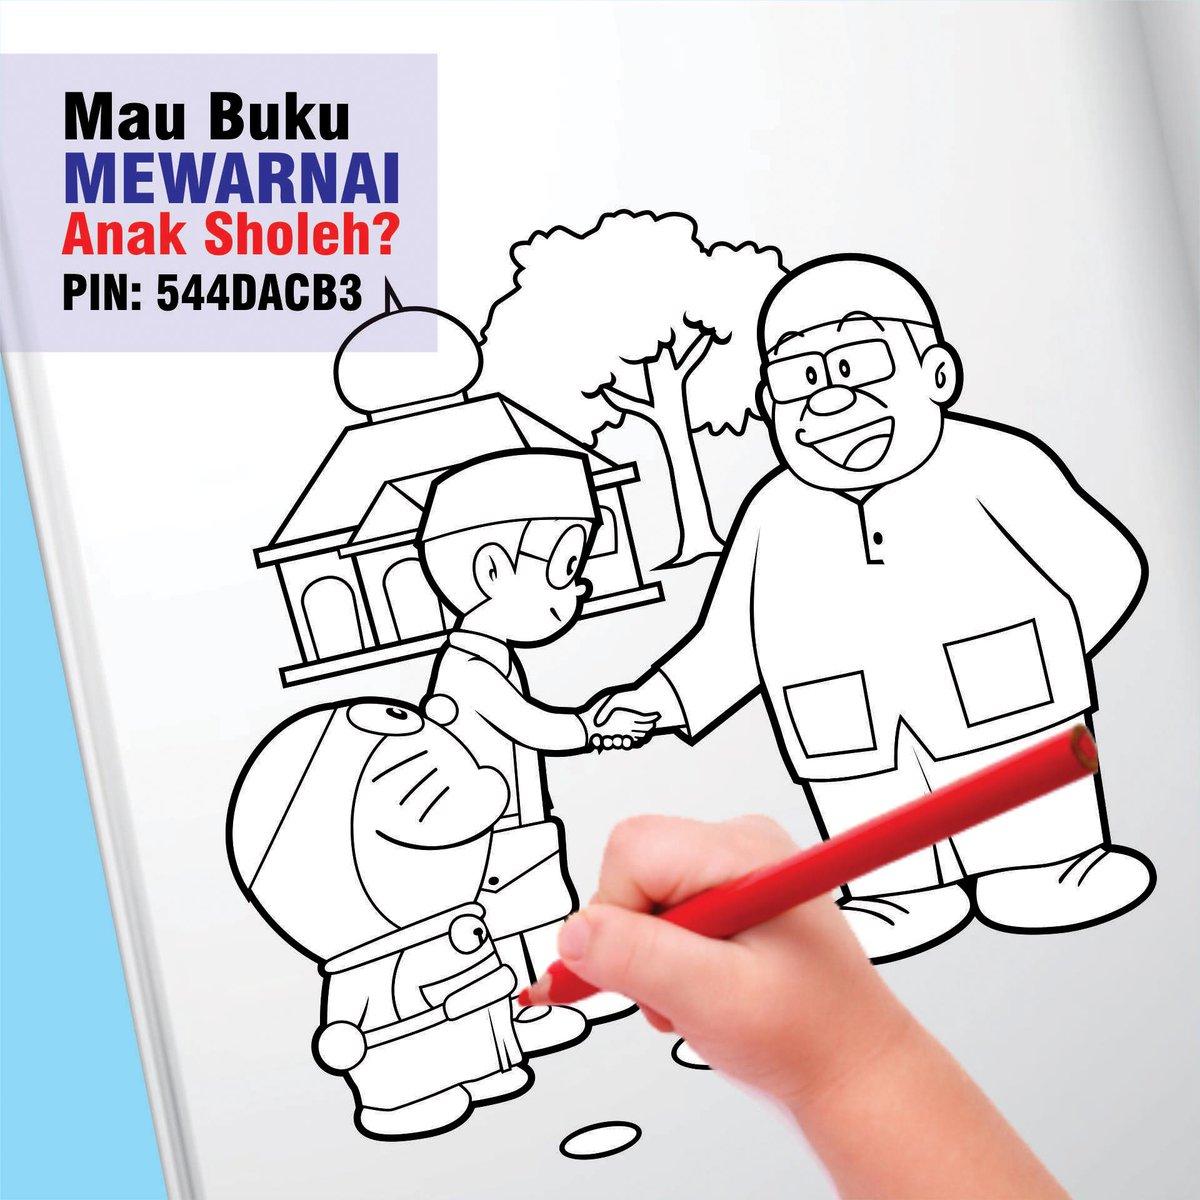 Buku Anak Sholeh At Bukusholeh Twitter